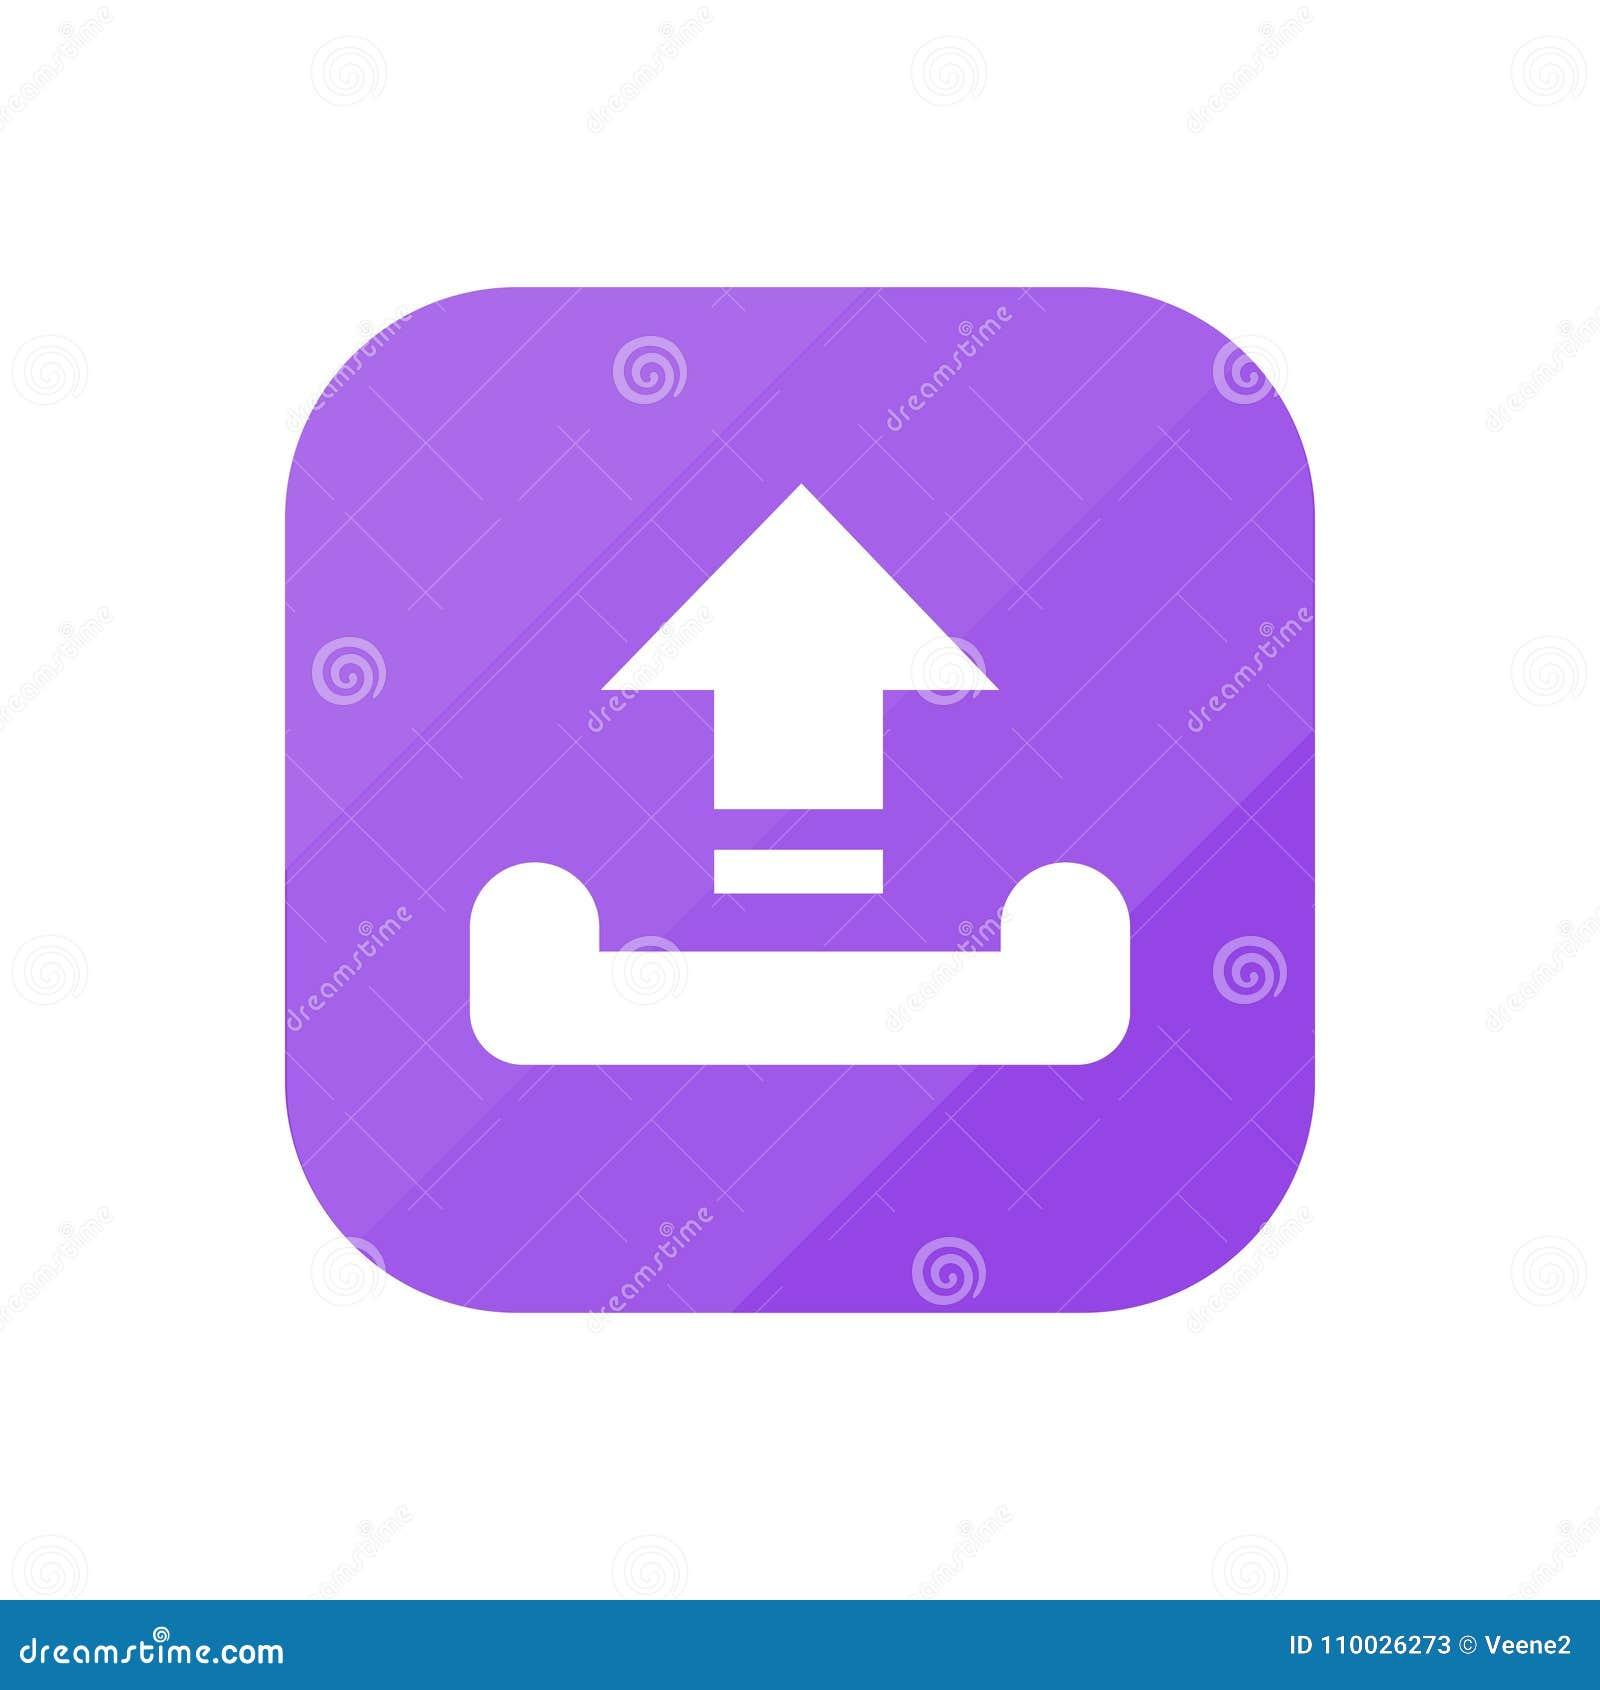 Upload - App Pictogram